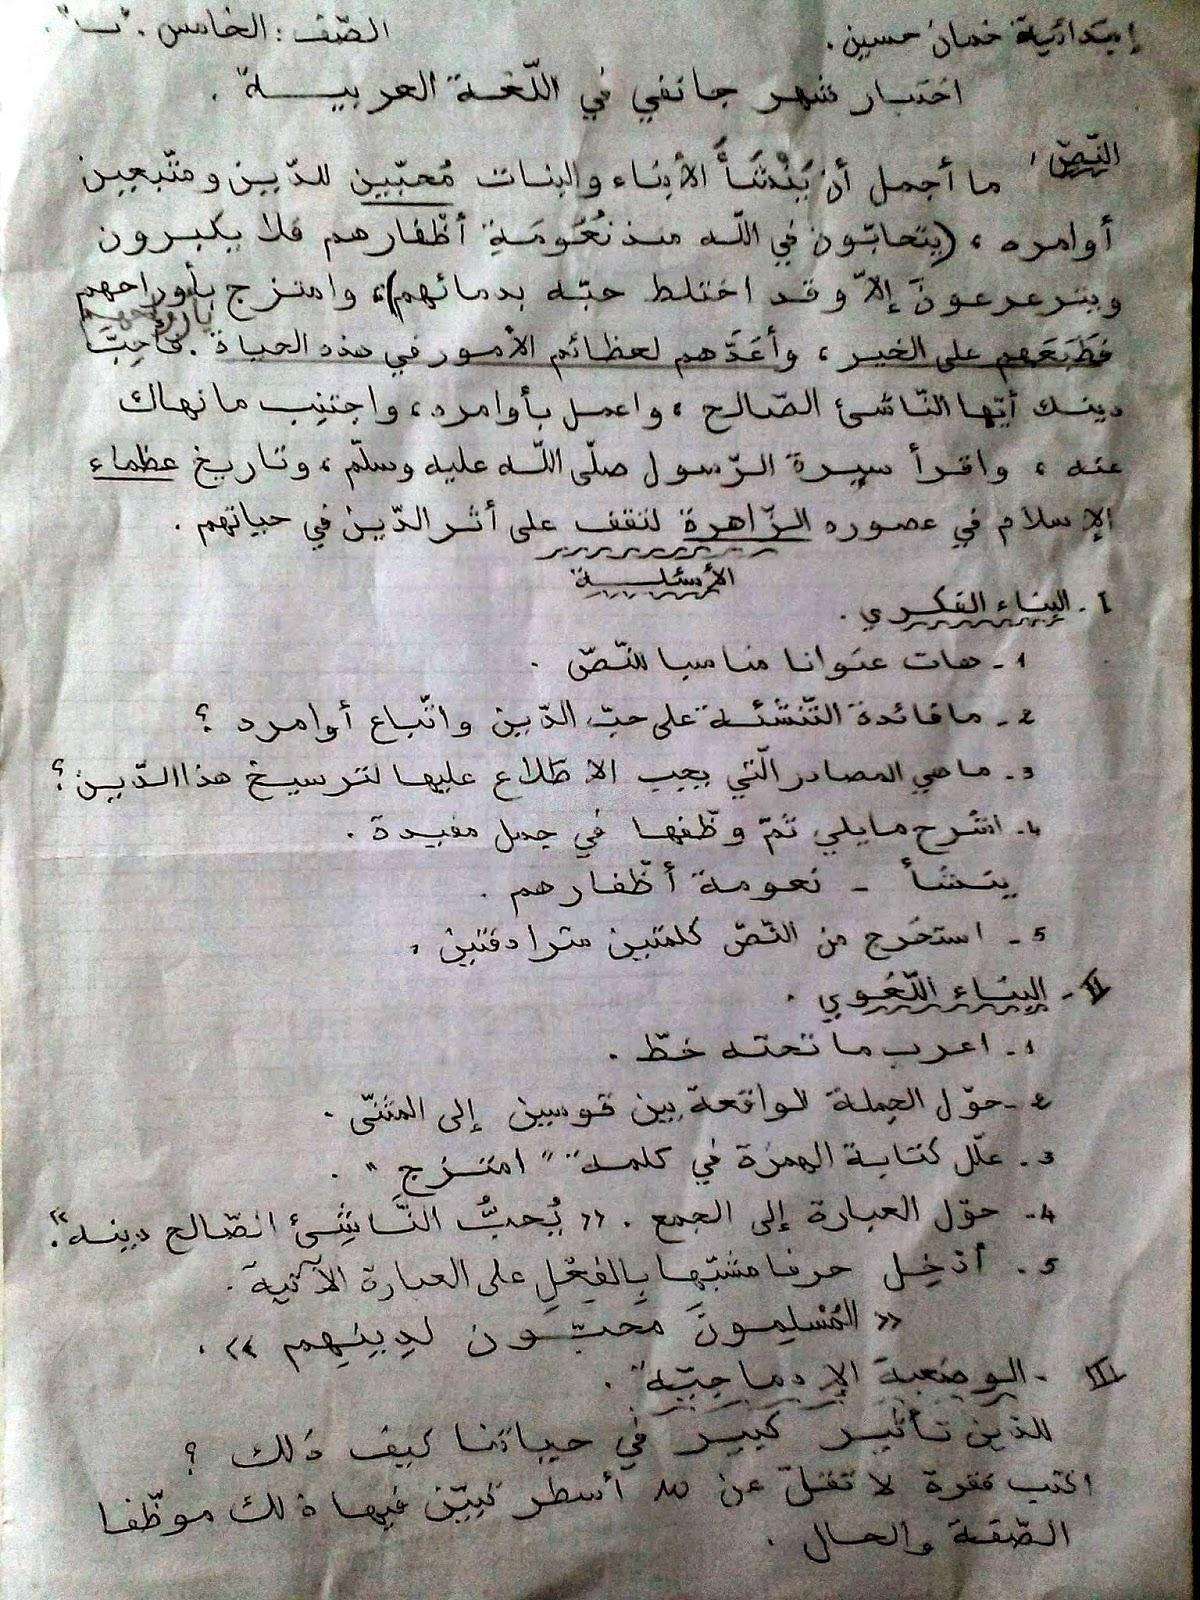 اختبار فيفري لغة عربية خمان حسين خامسة ابتداءي